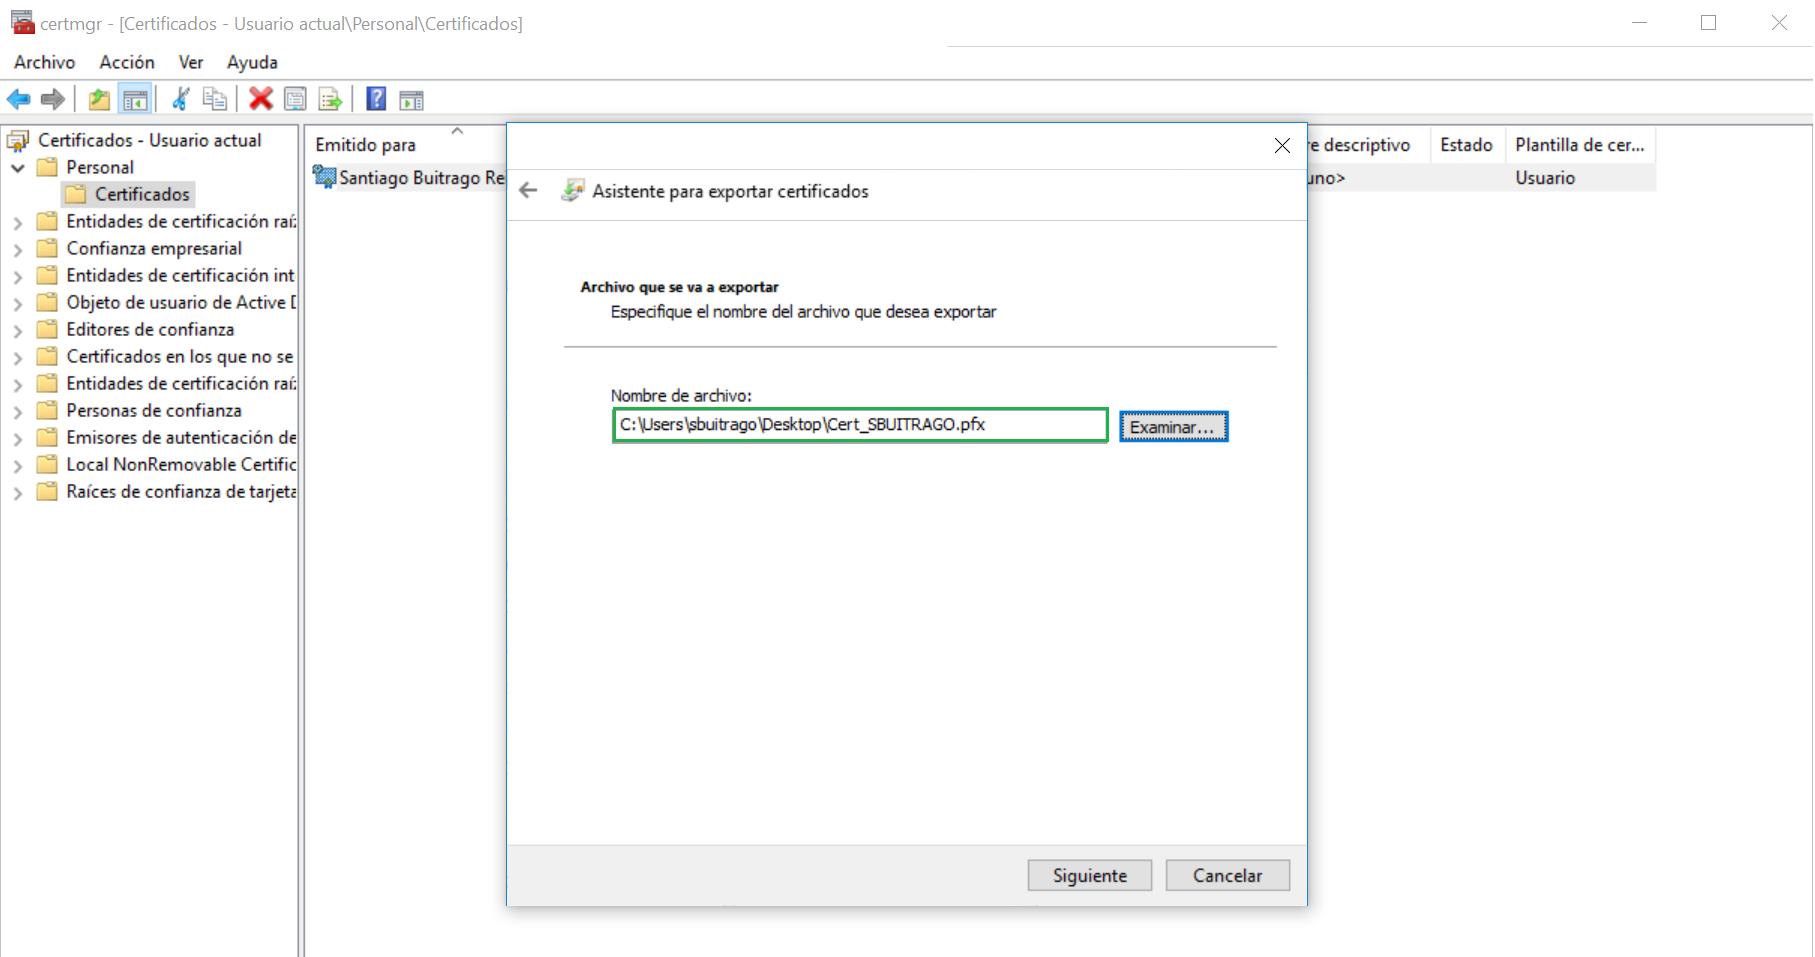 instalar_certificados_usuarios_via_gpo_08